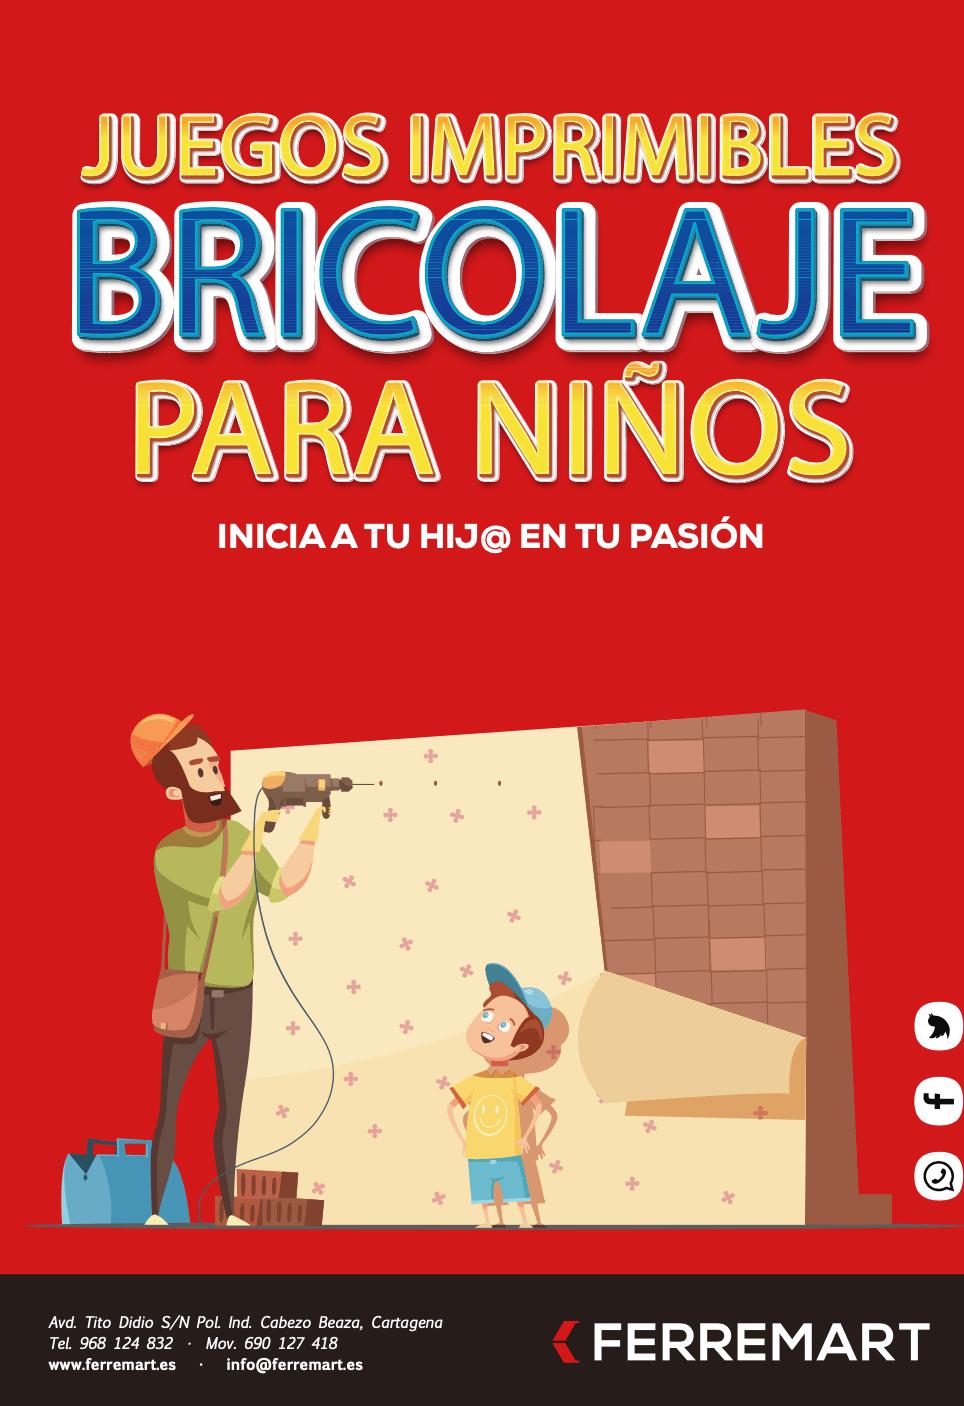 Juegos imprimibles para niños sobre Bricolaje.